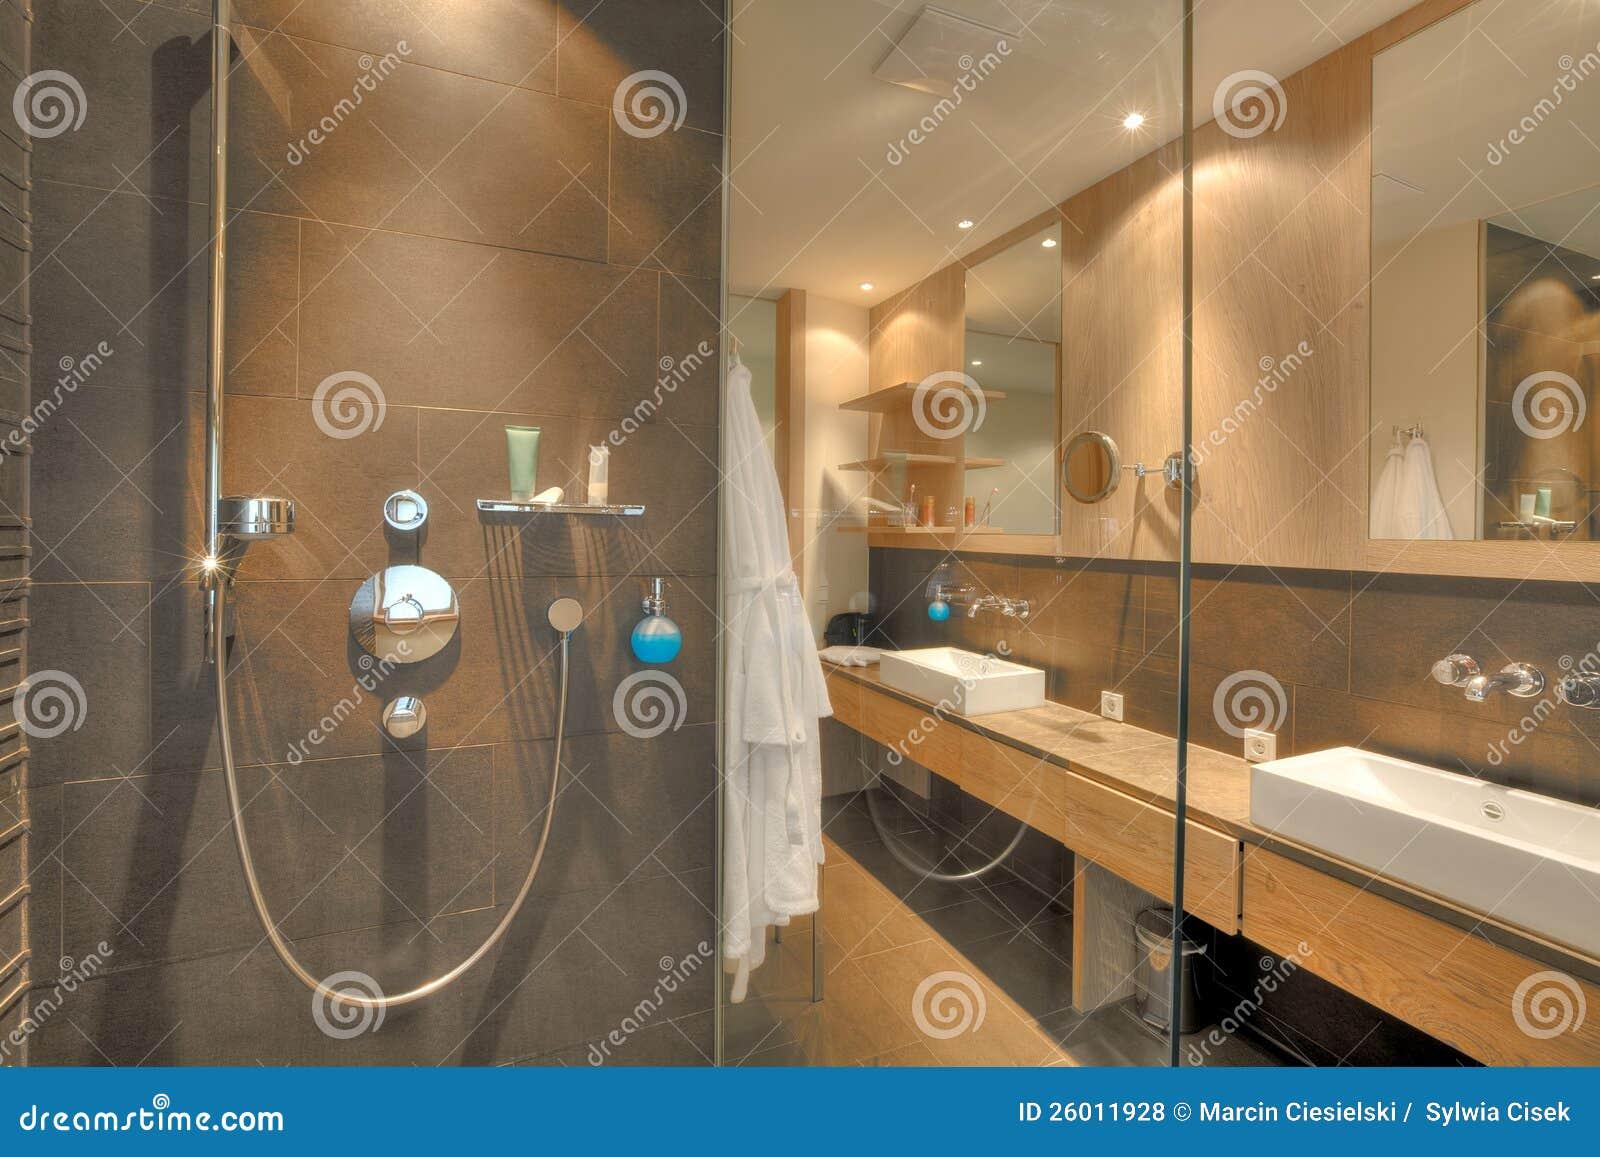 Douche Dans Une Belle Salle De Bains Photo stock - Image du ...